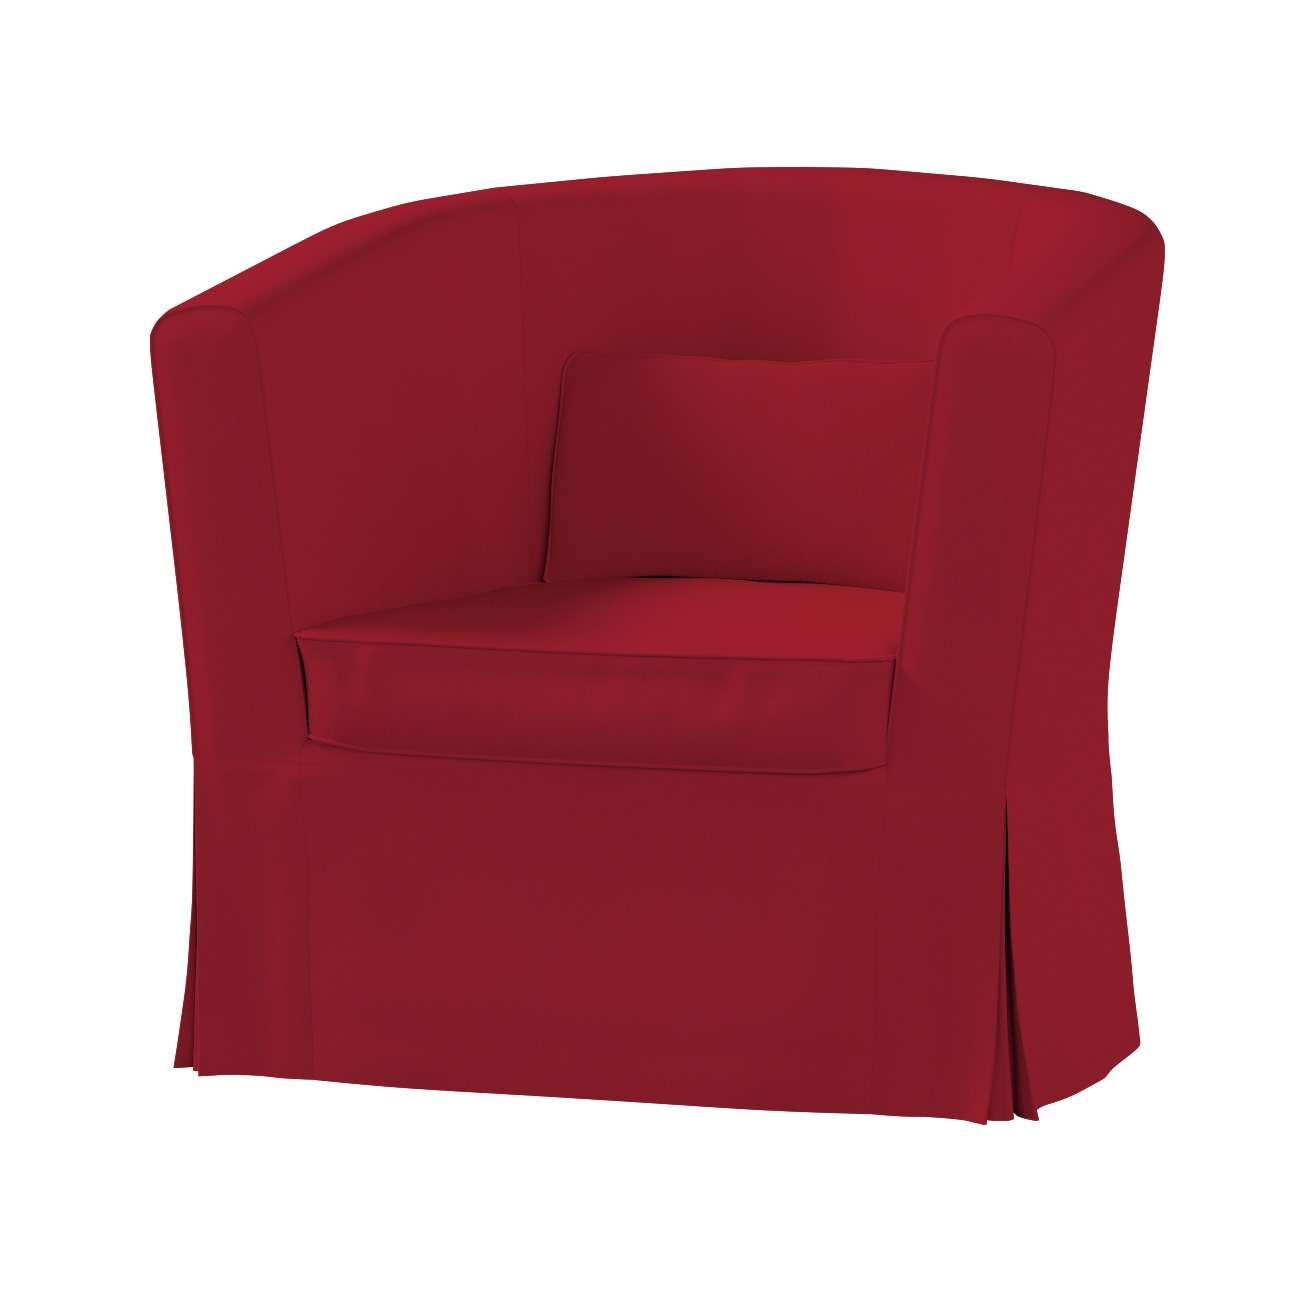 EKTORP TULLSTA fotelio užvalkalas Ektorp Tullsta fotelio užvalkalas kolekcijoje Chenille, audinys: 702-24